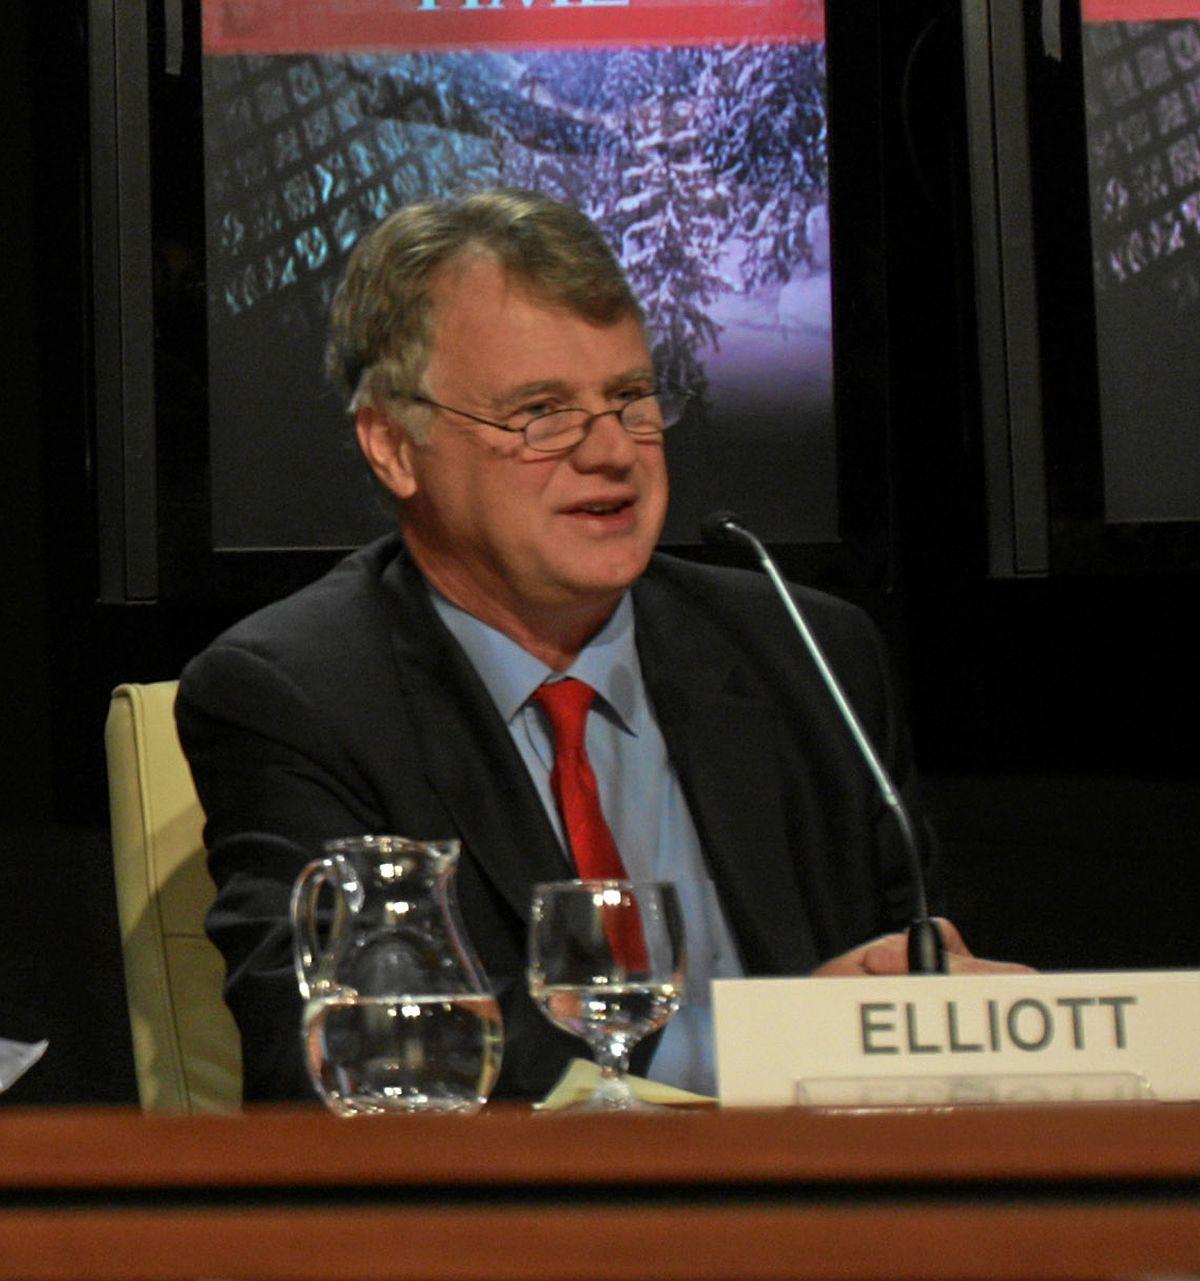 Michael J. Elliott - Wikipedia | 1200 x 1281 jpeg 147kB